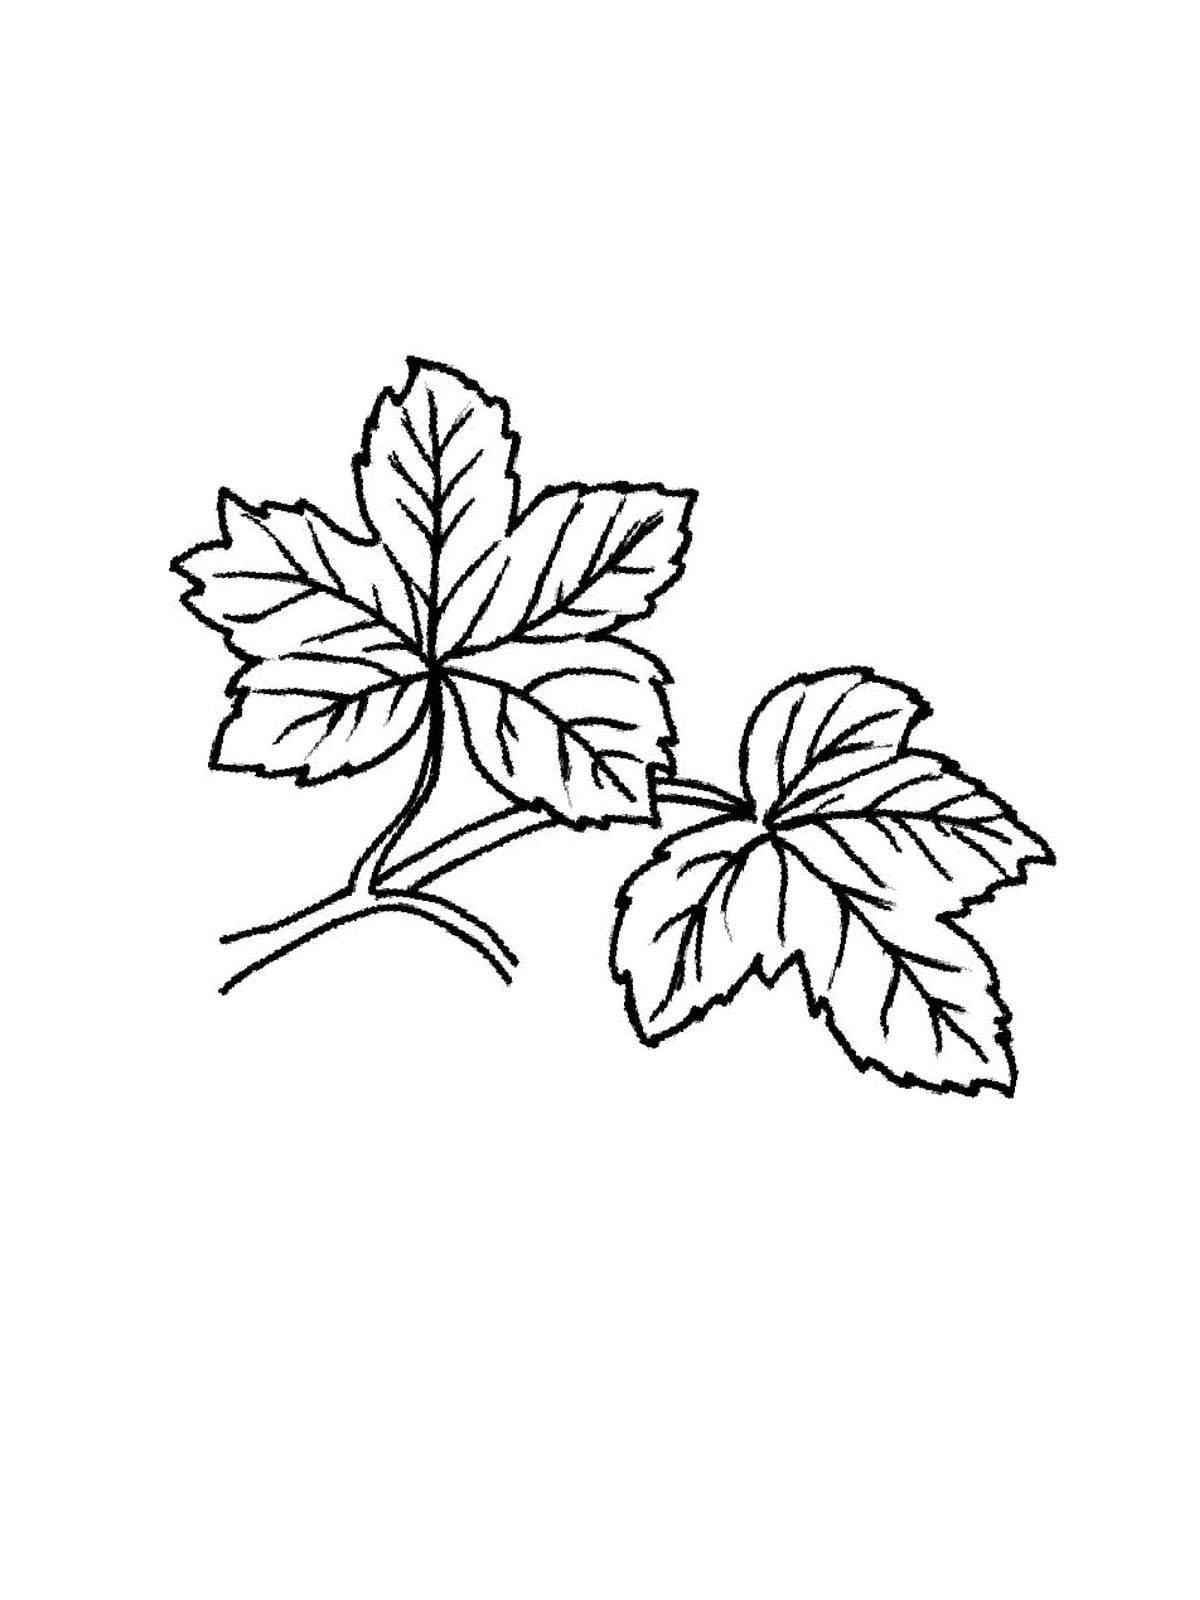 ausmalbilder, malvorlagen von ahornblatt kostenlos zum